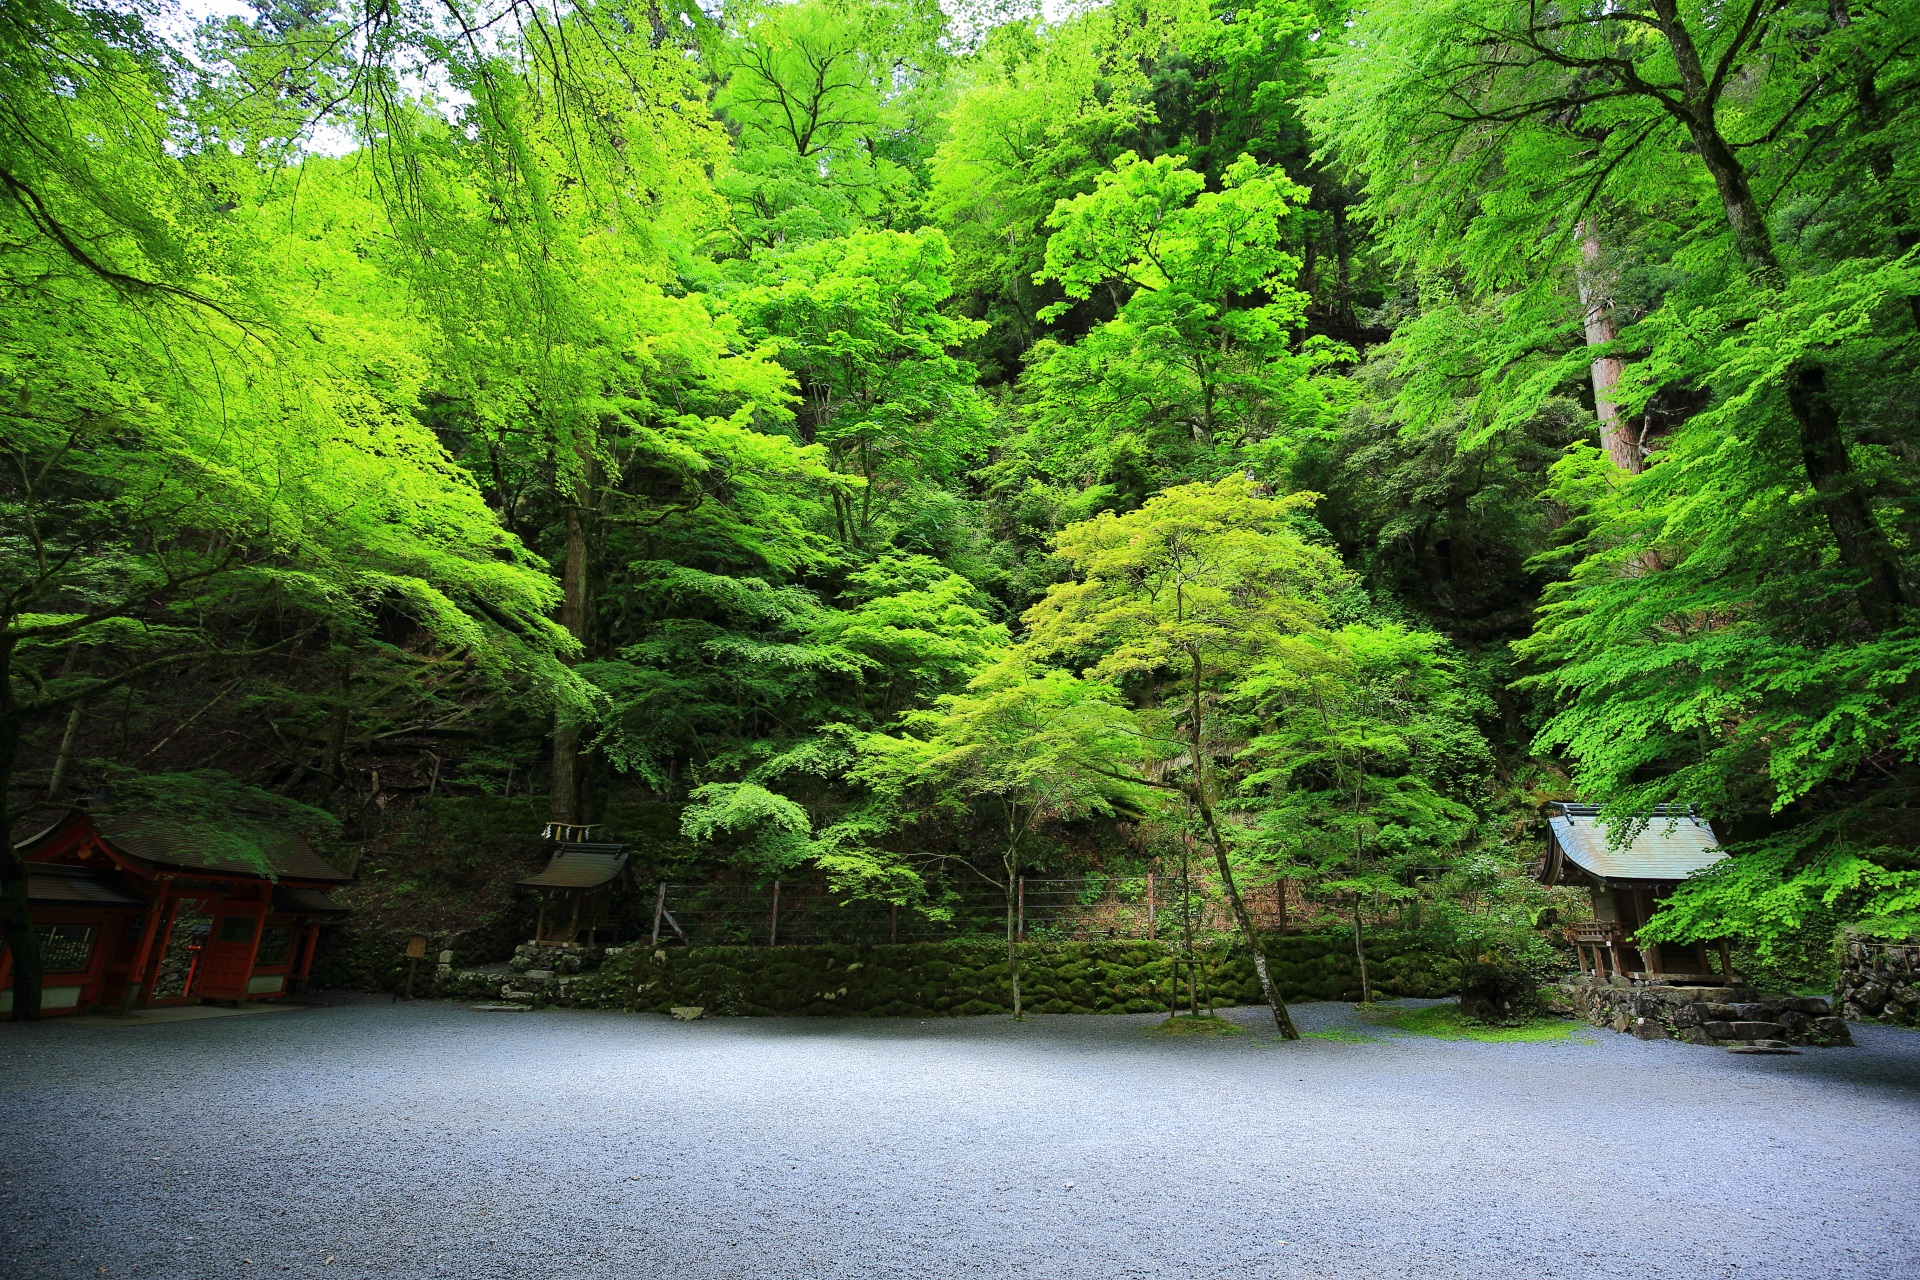 緑と自然につつまれた貴船神社の奥宮